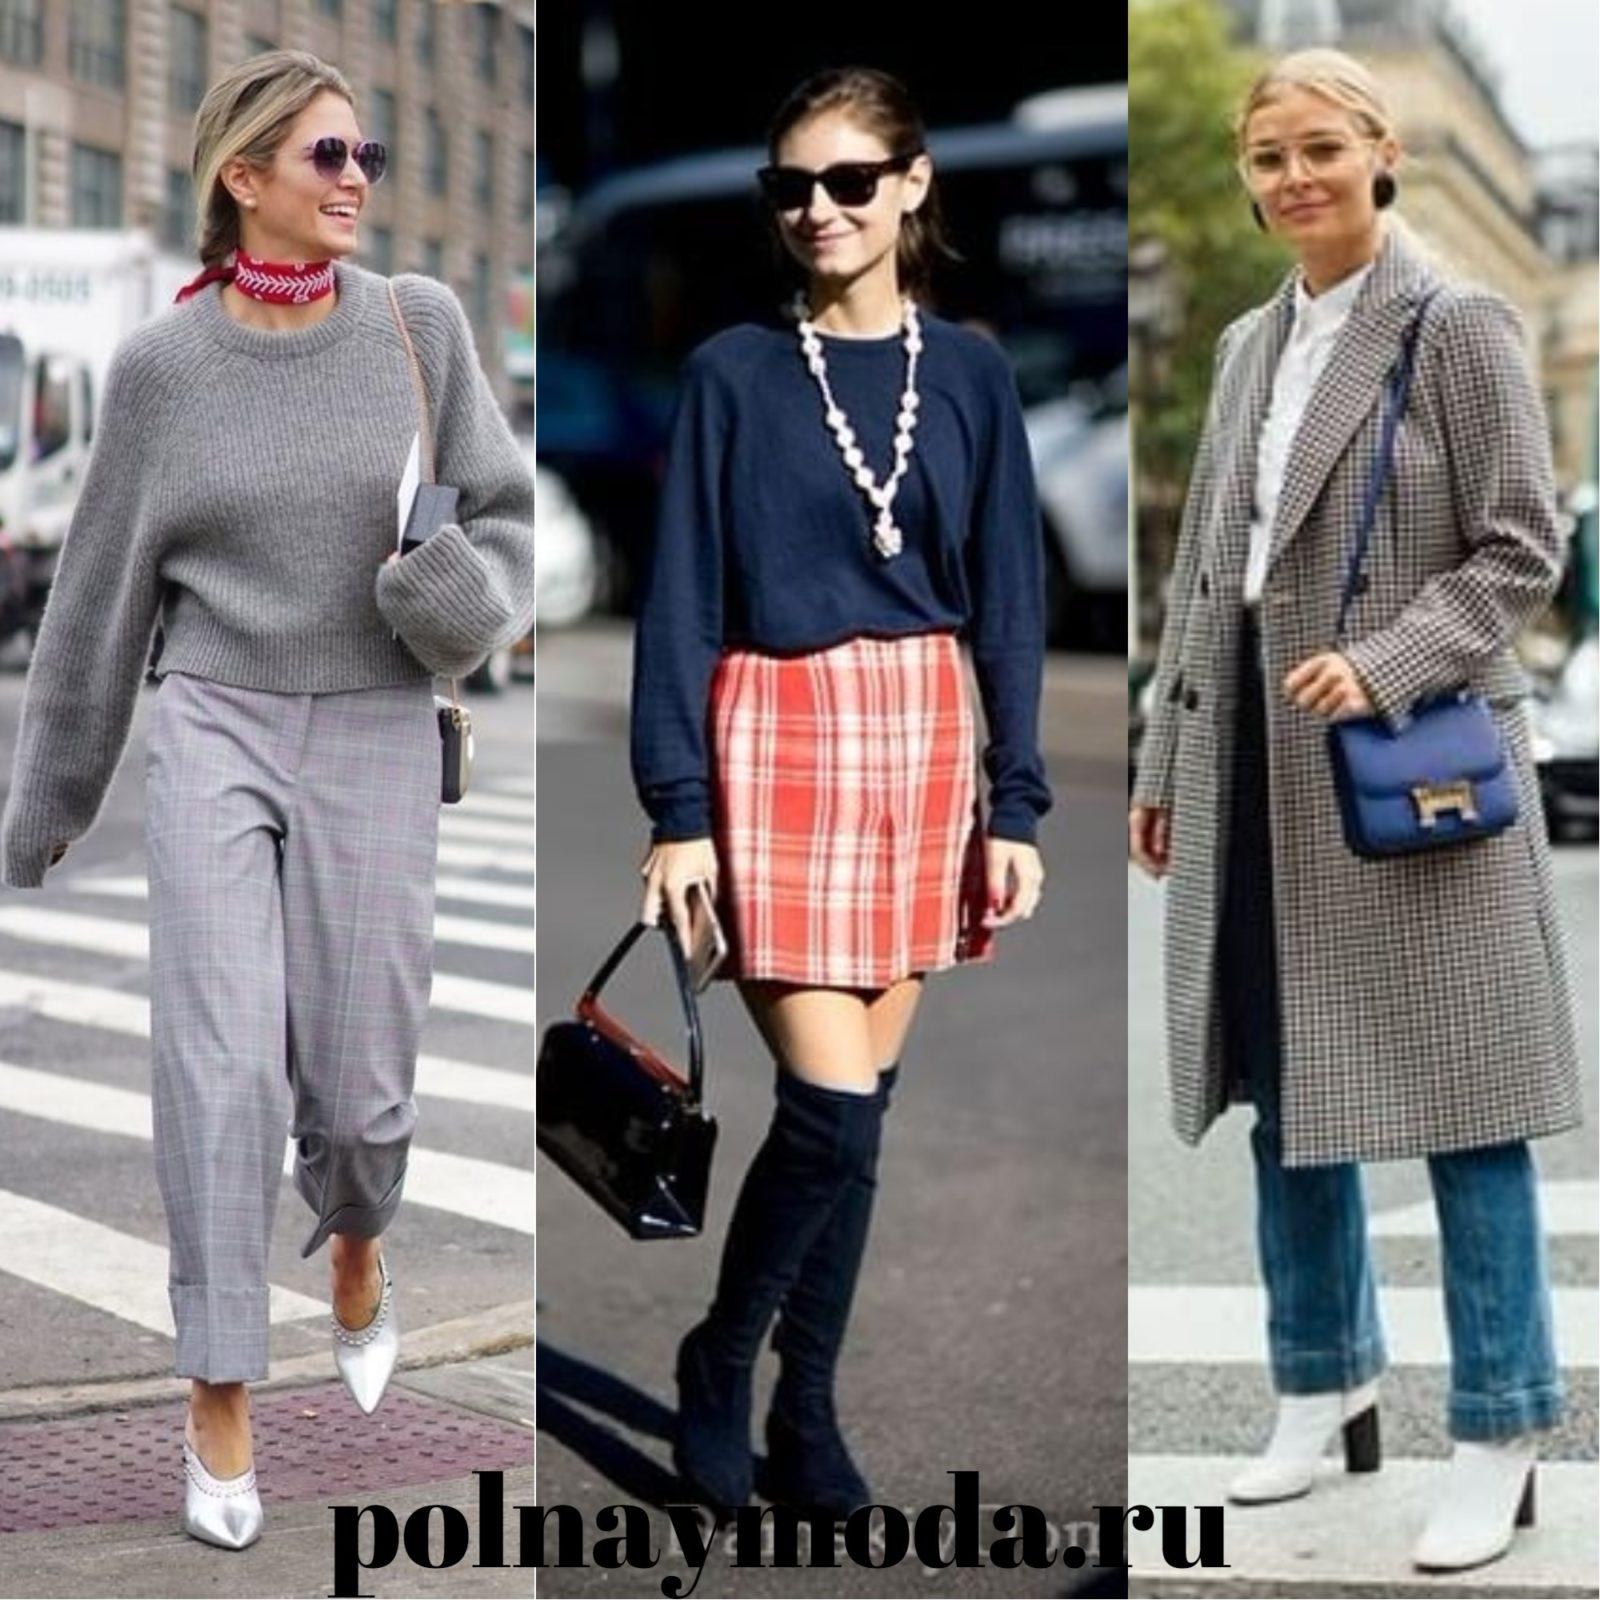 Уличная мода 2018 клетка в уличном стиле на брюках юбках пальто верхней одежде